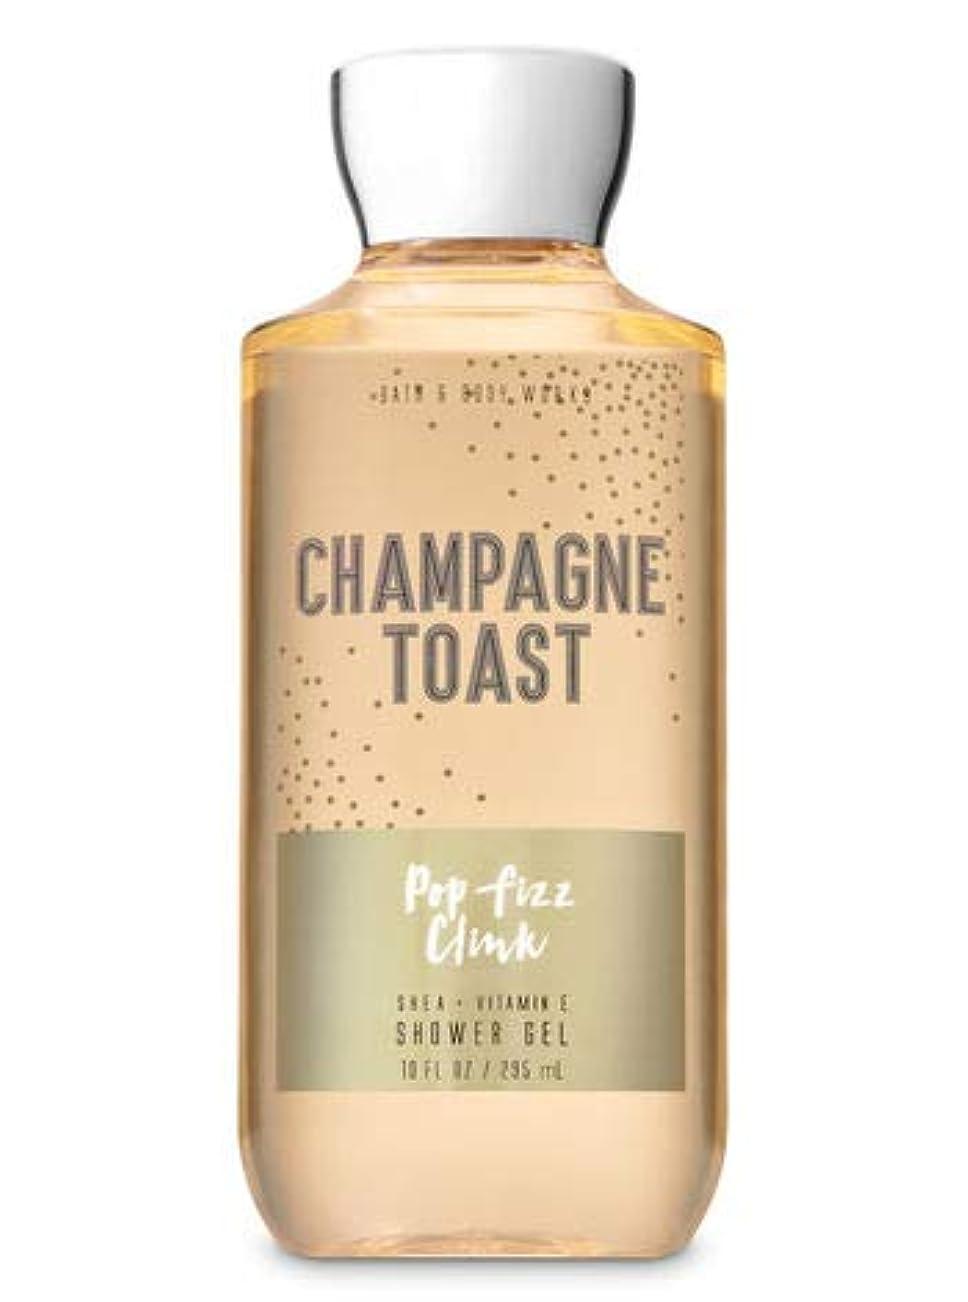 カエル陰気大通り【Bath&Body Works/バス&ボディワークス】 シャワージェル シャンパントースト Shower Gel Champagne Toast 10 fl oz / 295 mL [並行輸入品]